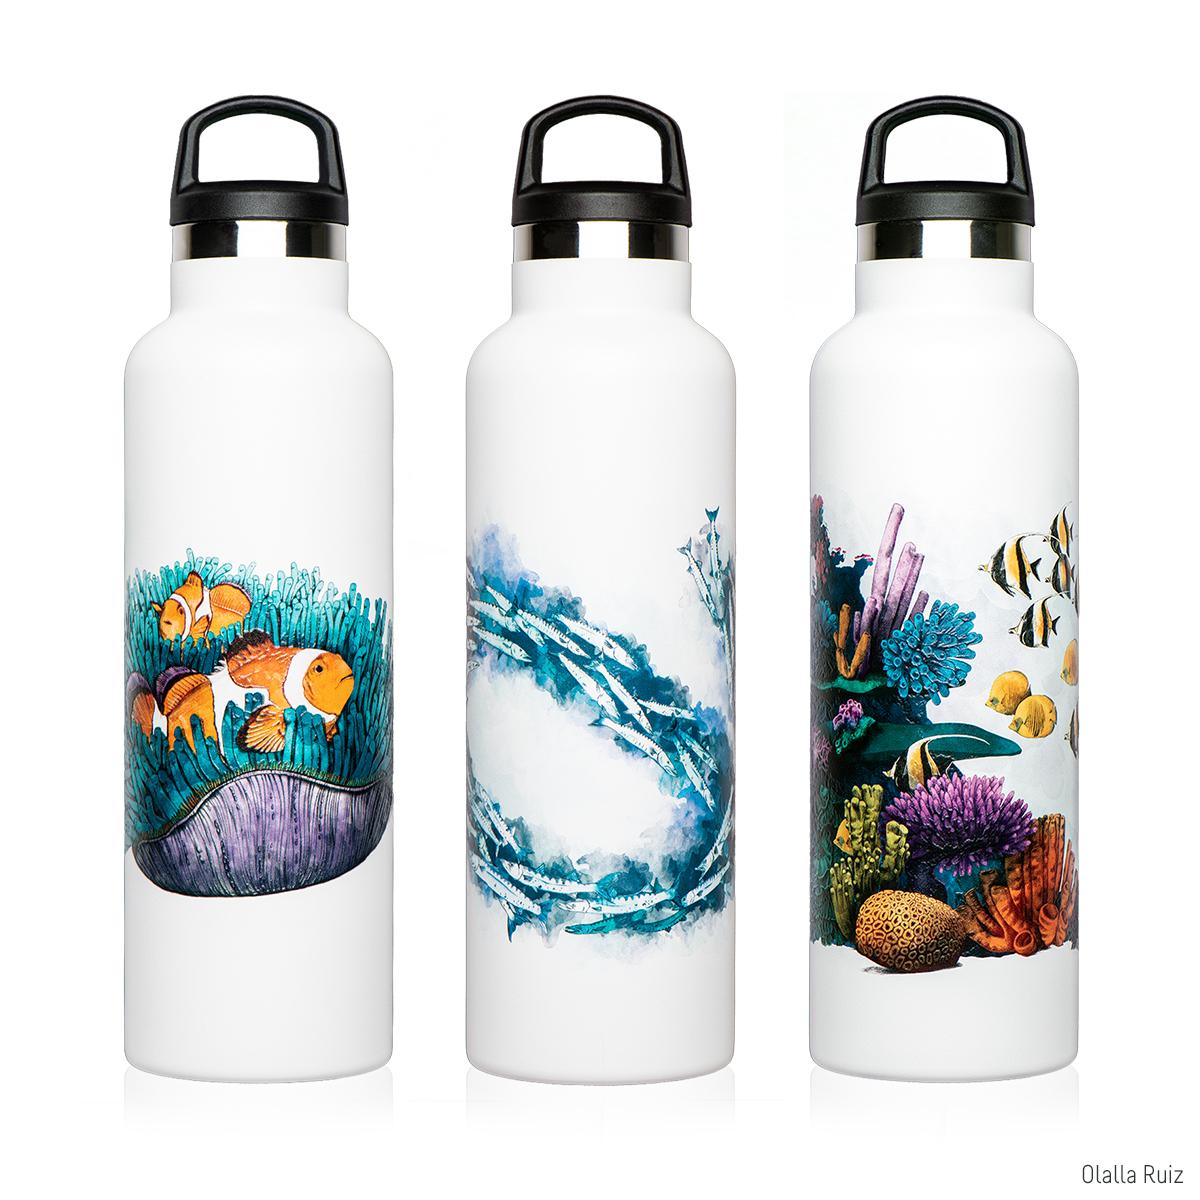 Botellas ilustradas con temas marinos